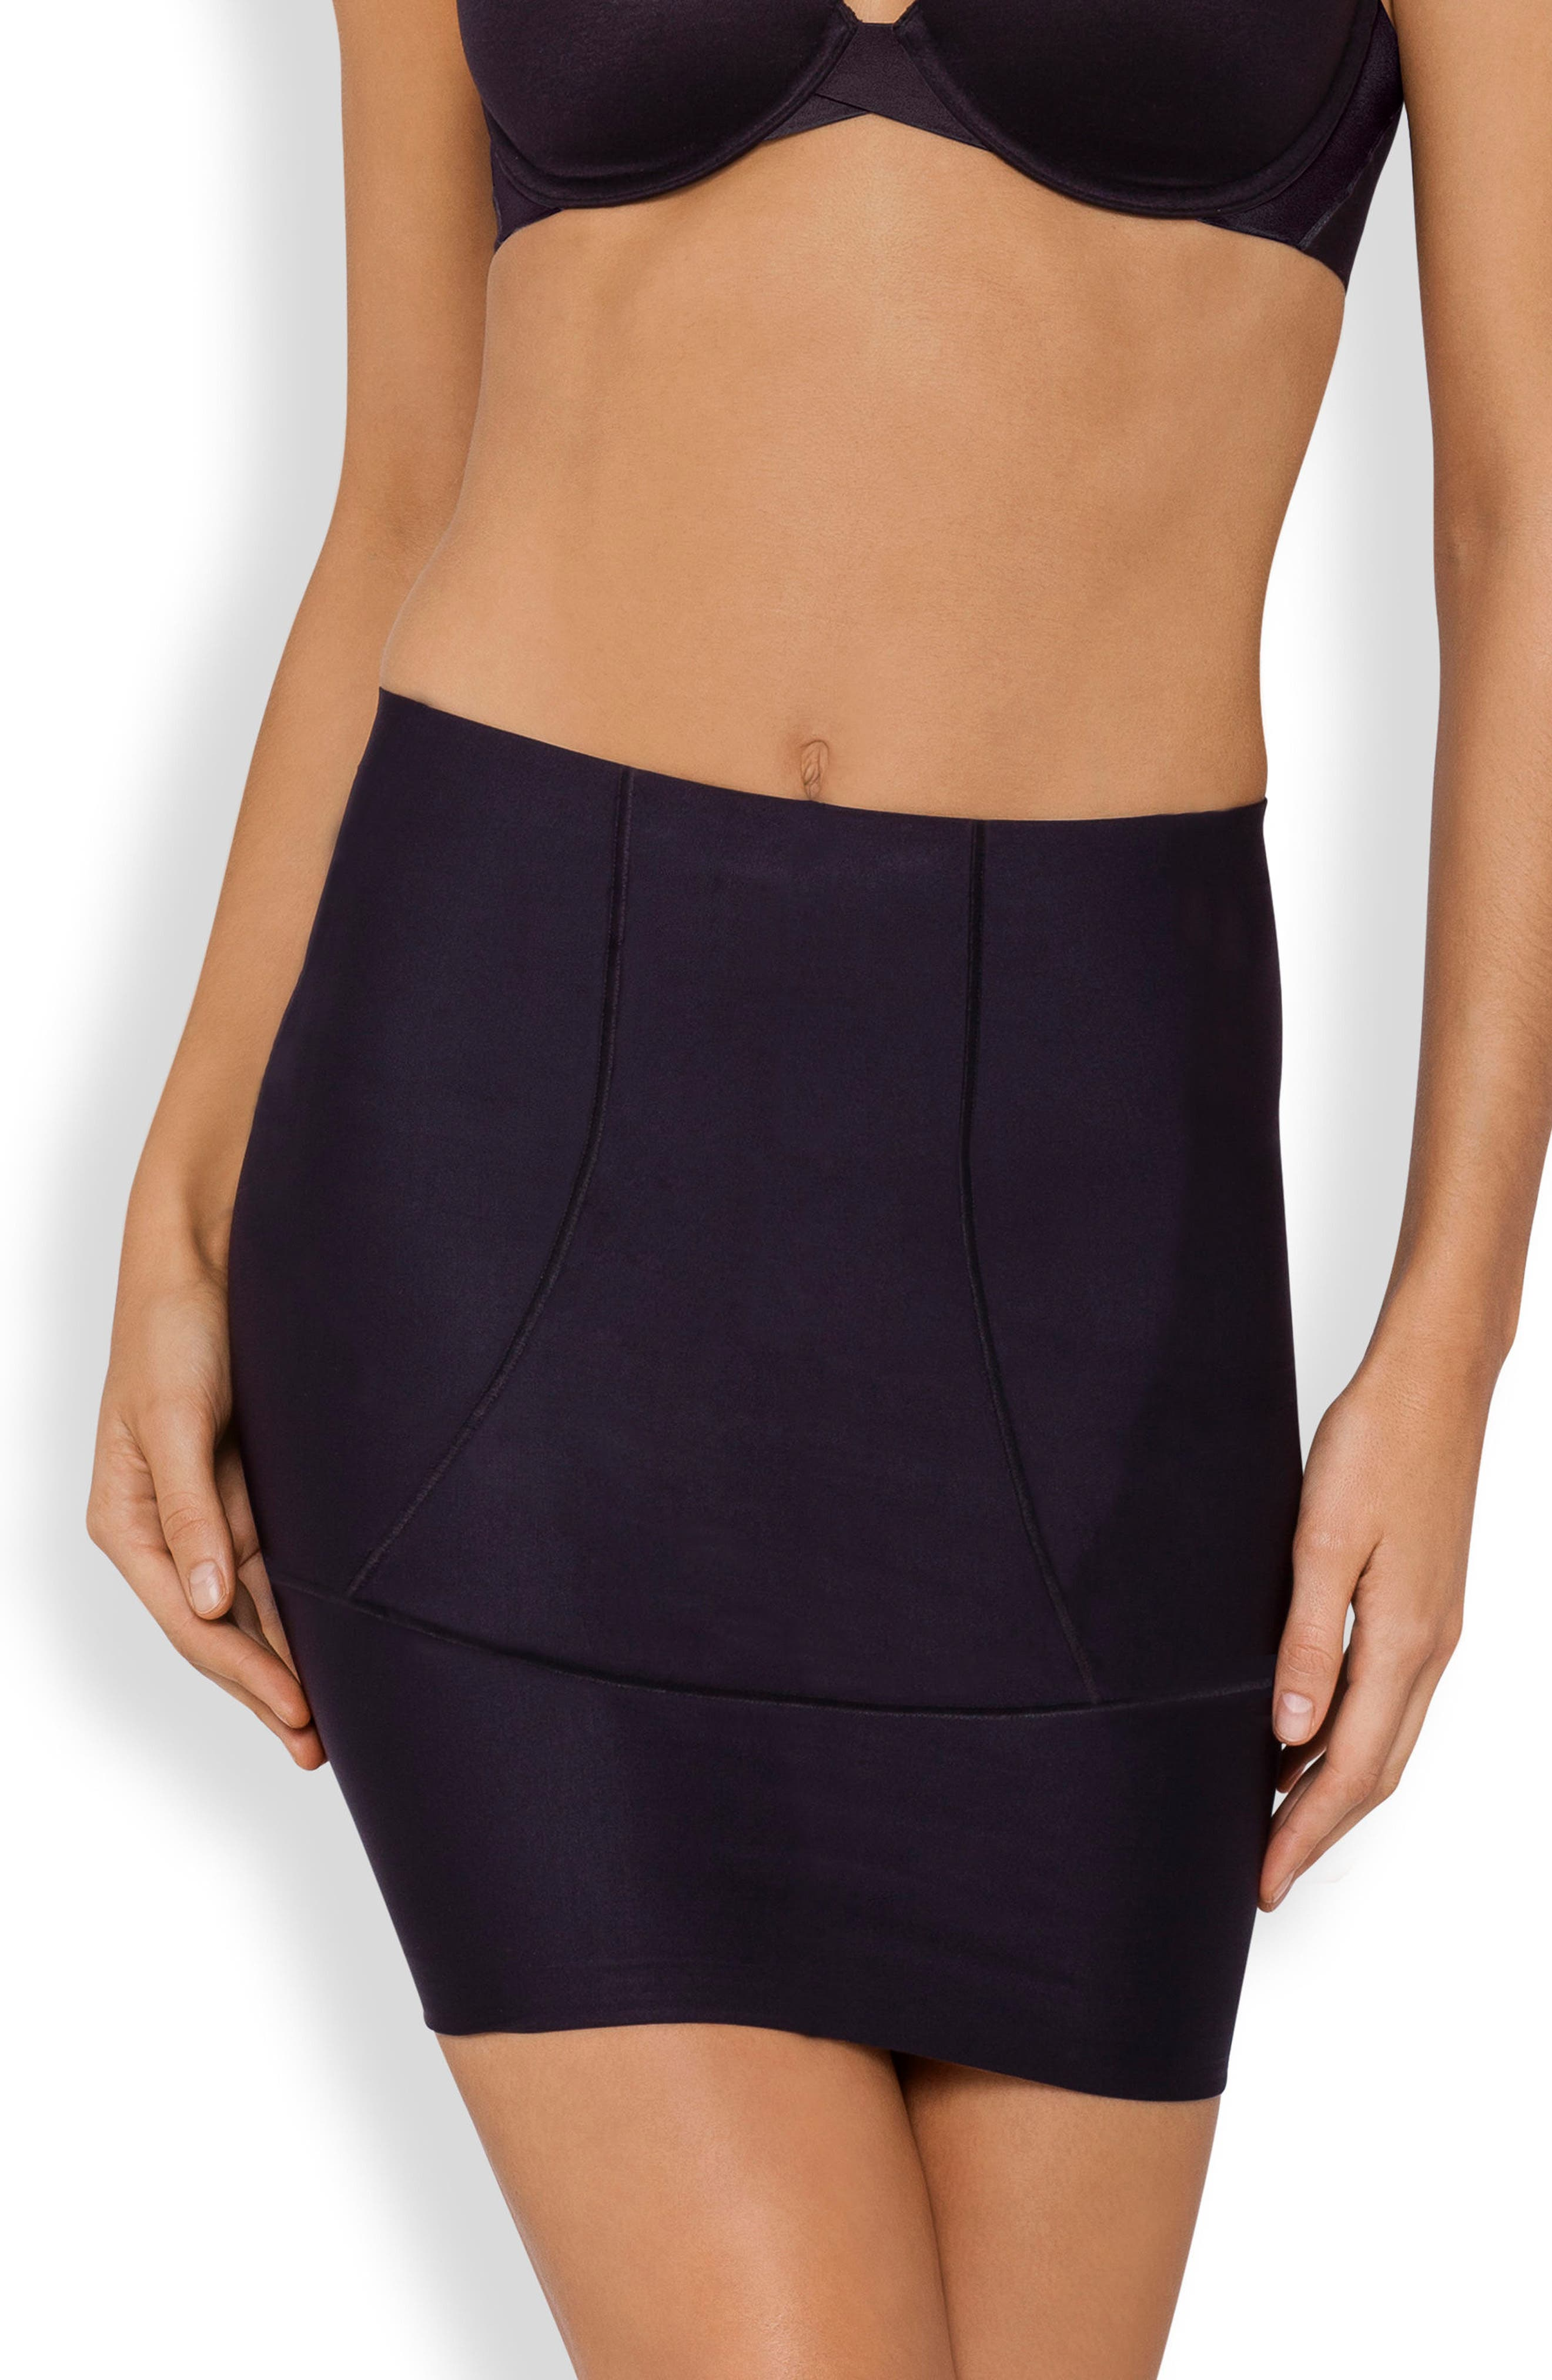 Body Architect Shaper Slip Skirt, Black